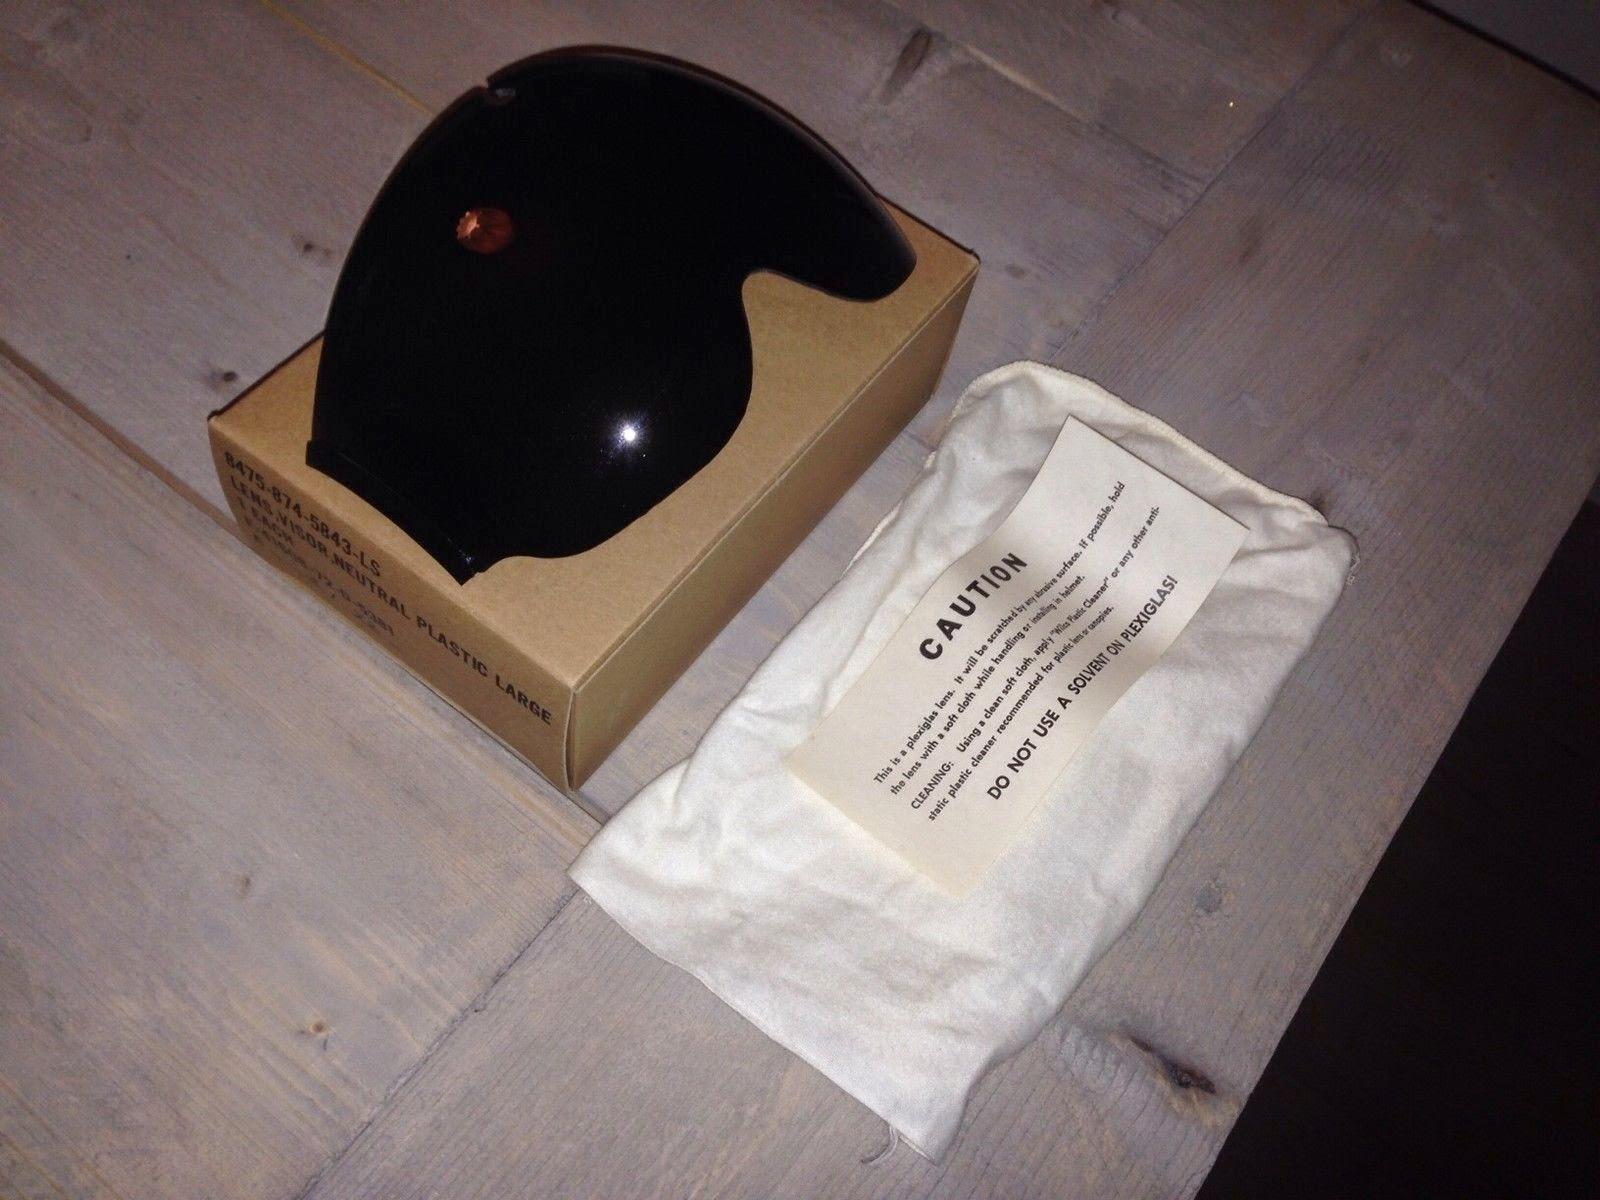 New HGU-33 / HGU-2a/p helmet visor